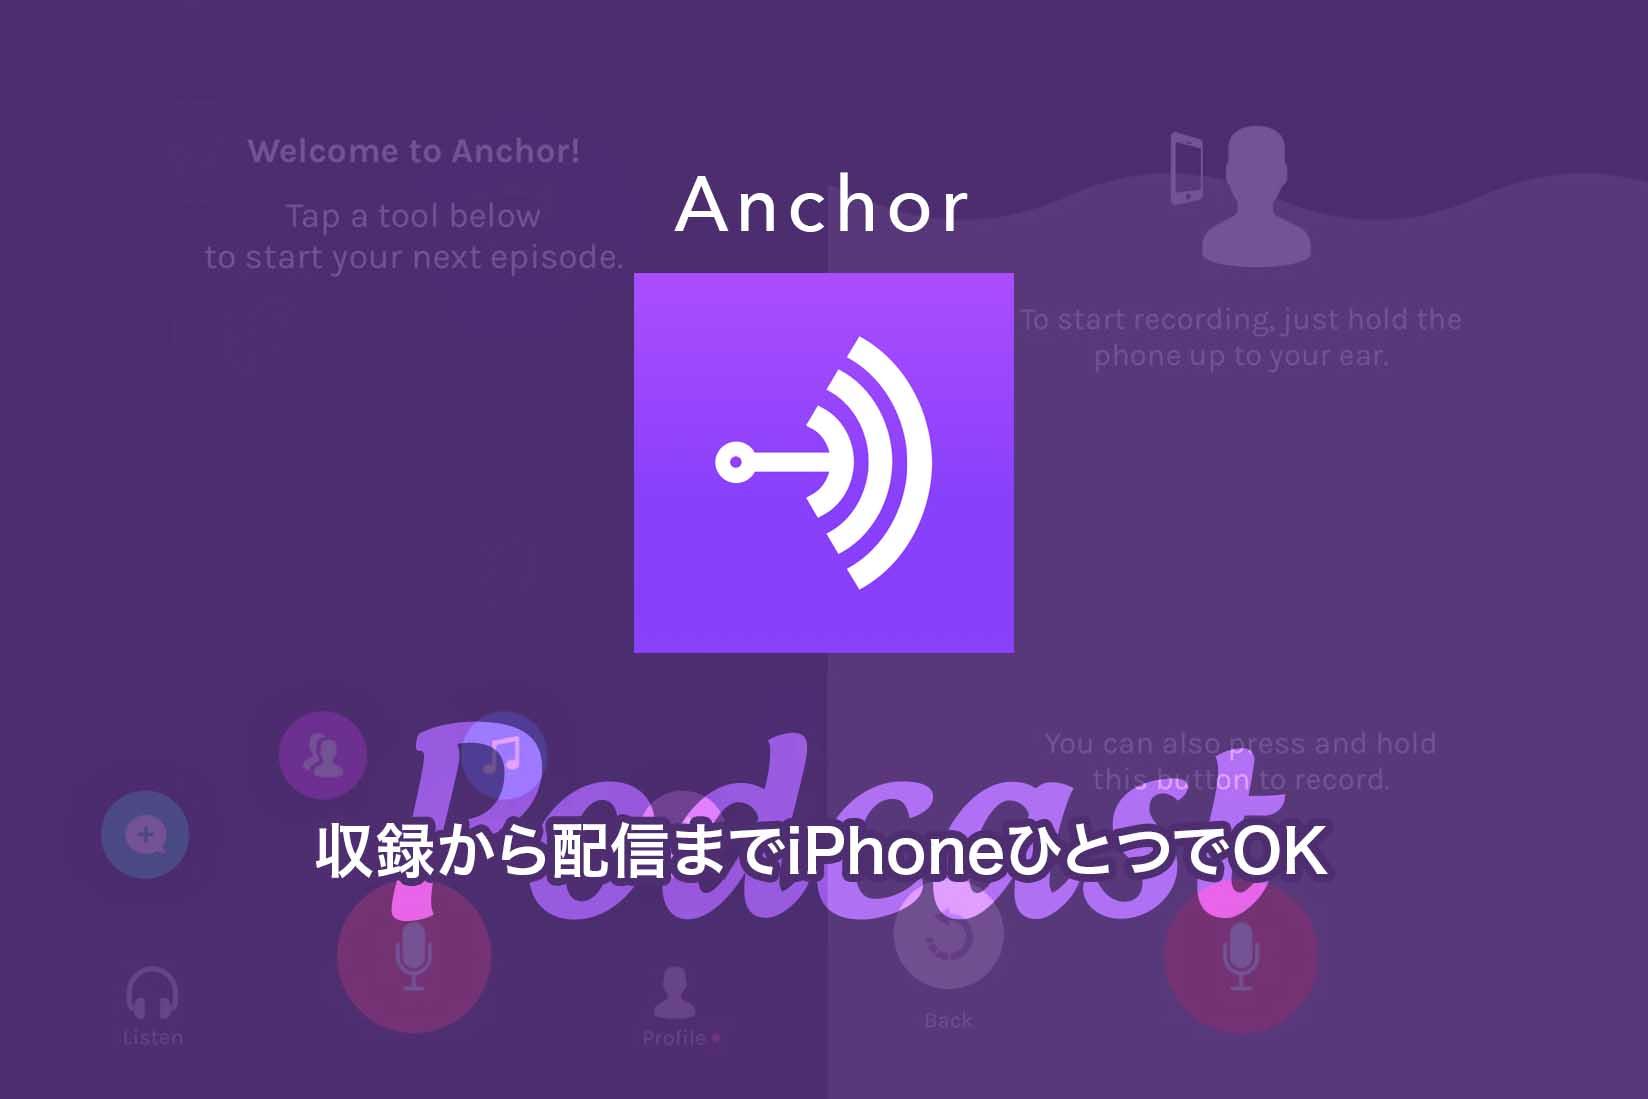 Anchorアプリ